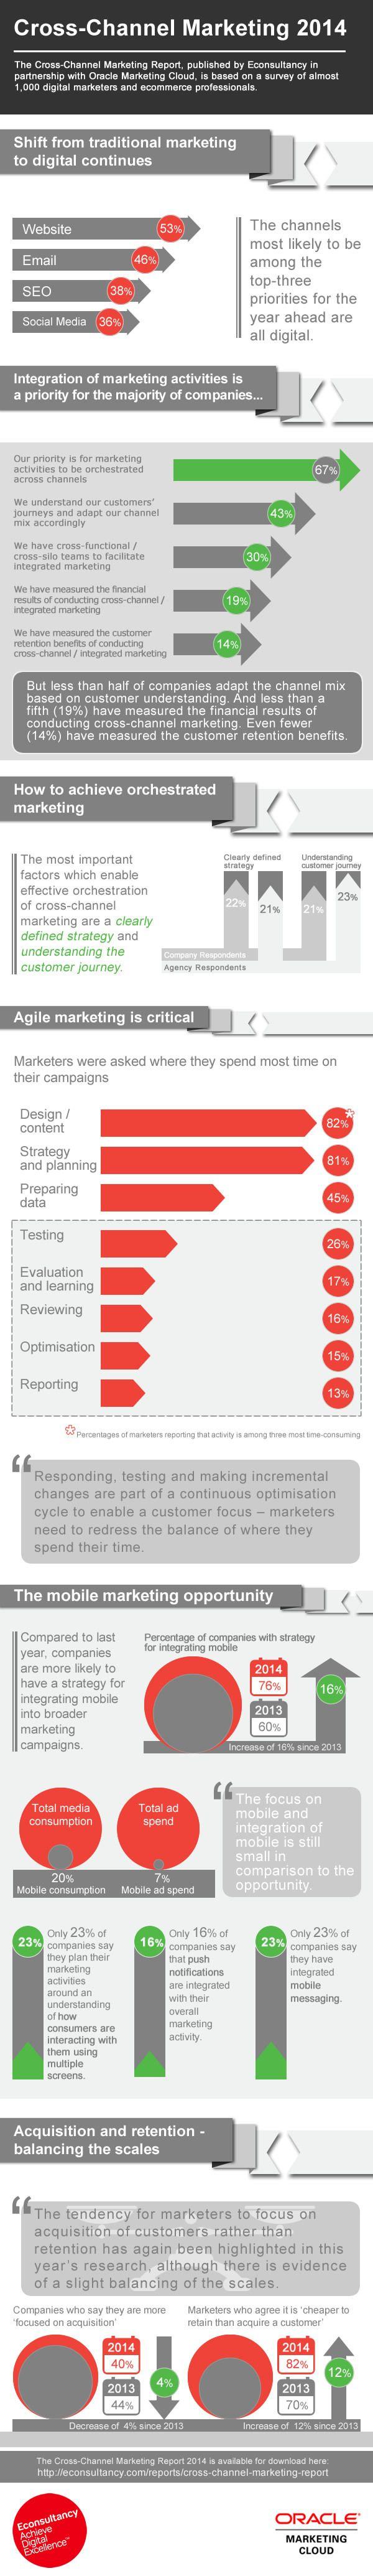 Cross-channel marketing 2014: trends & opportunities